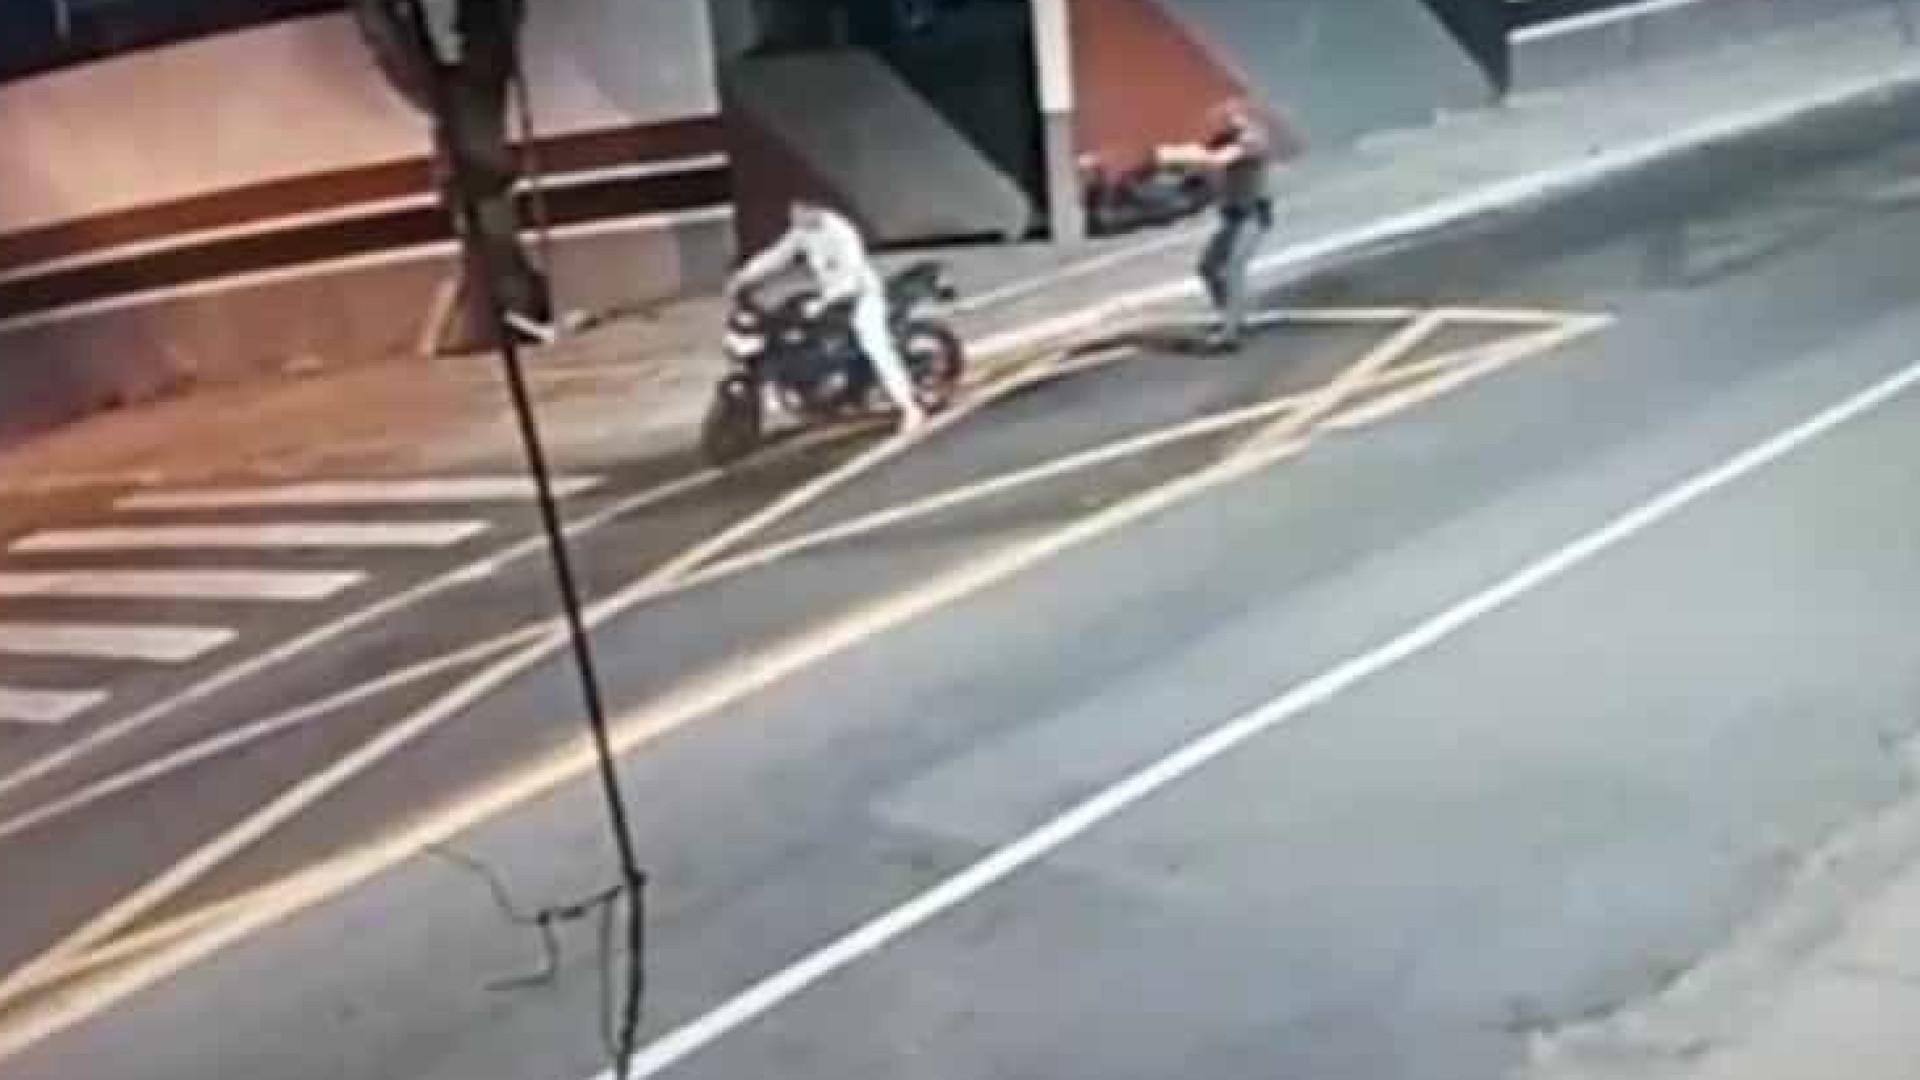 Policial é preso após matar motociclista com tiro nas costas em SP